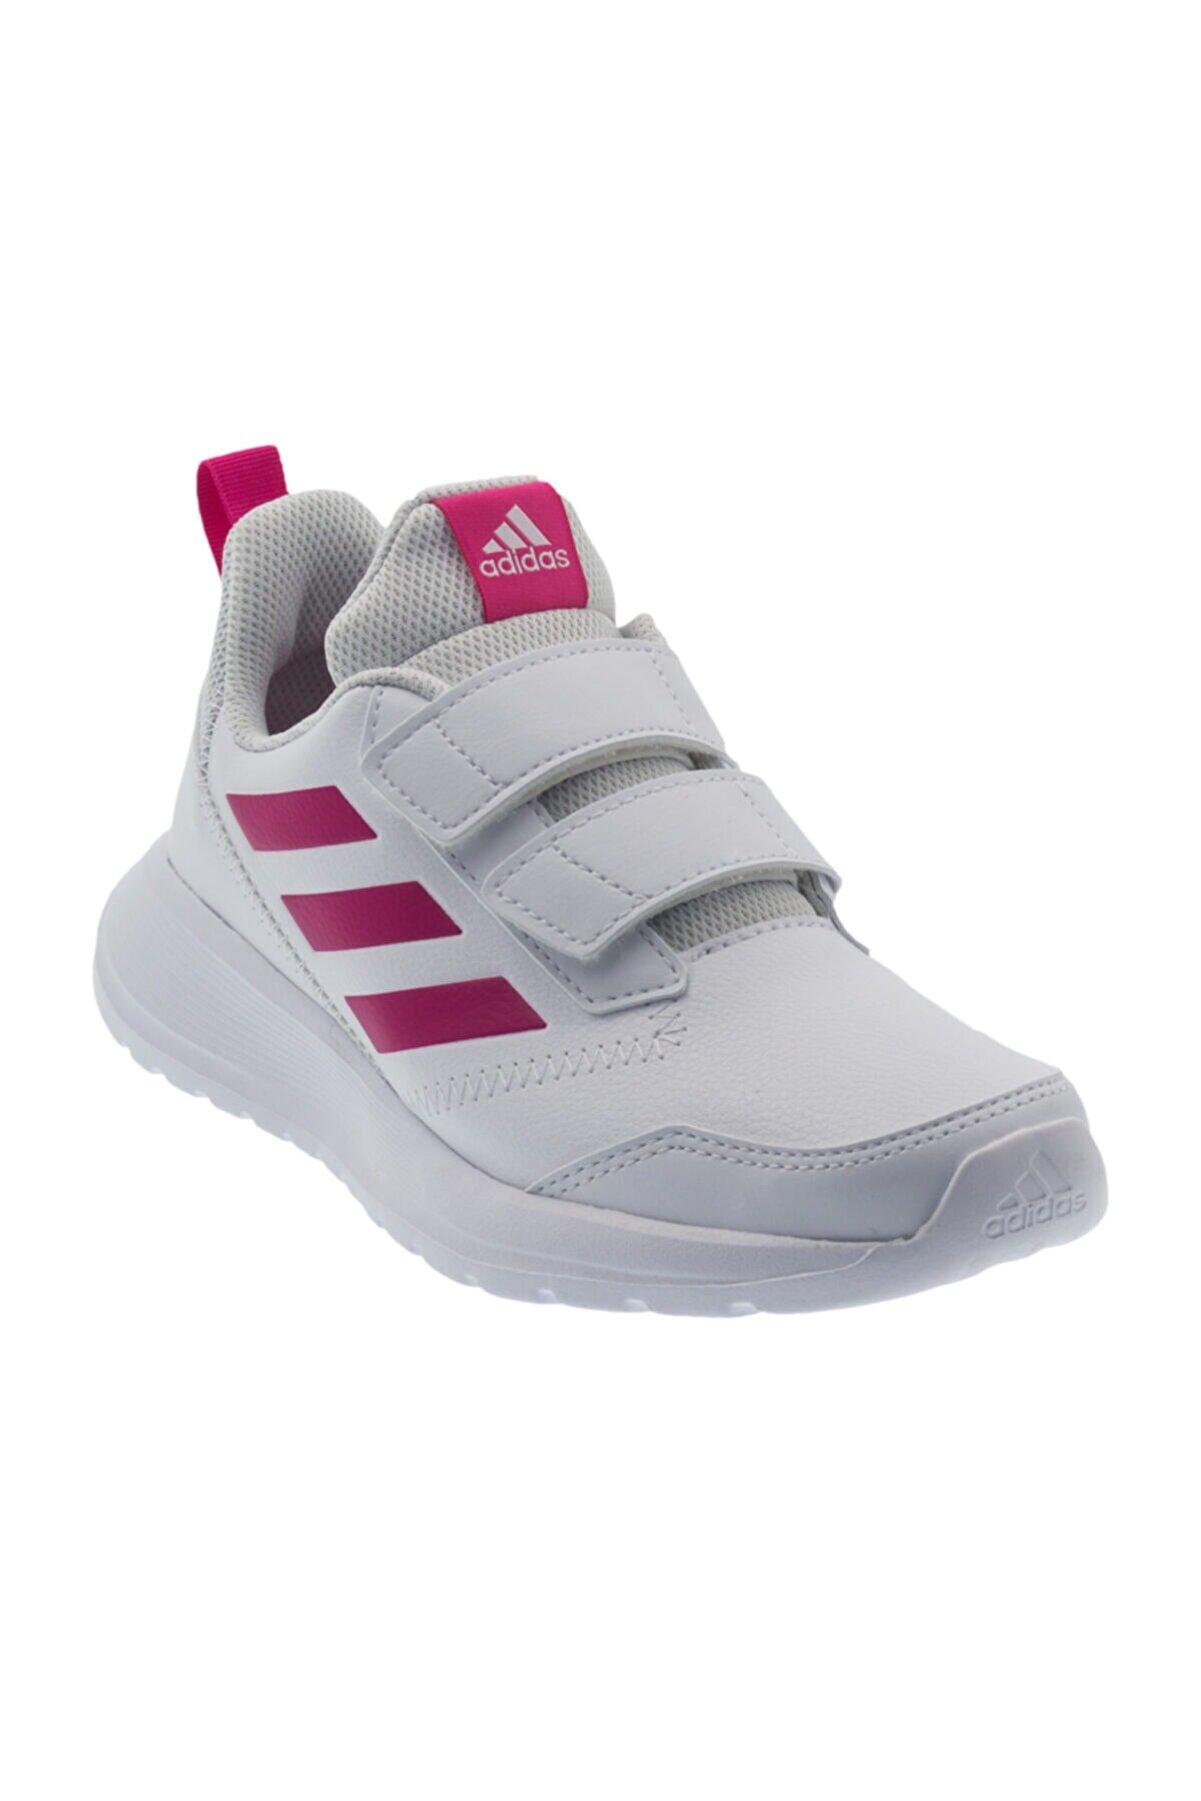 adidas Altarun Cf K Çocuk Günlük Spor Ayakkabı - Cm8586